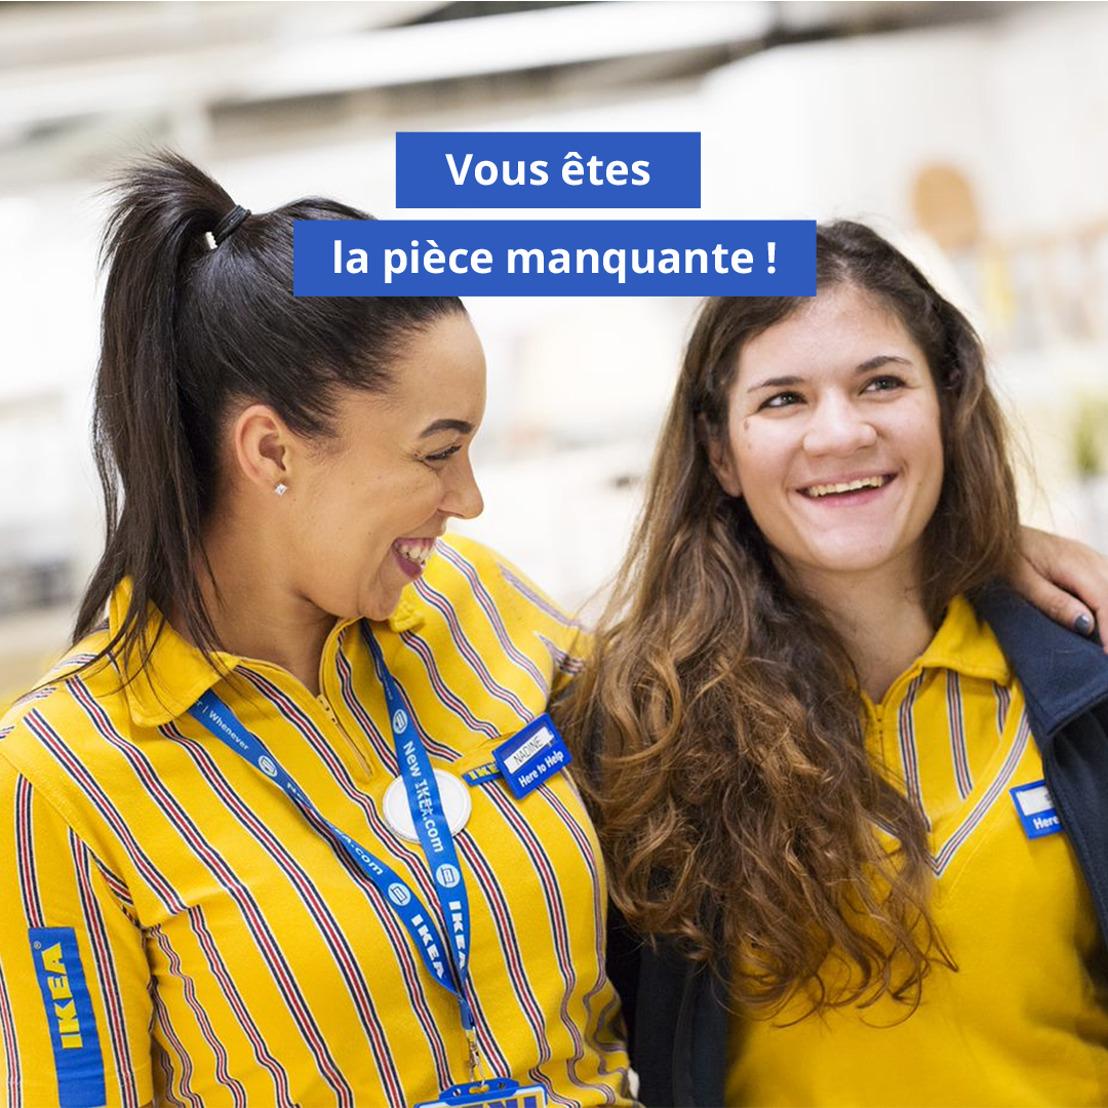 Face aux difficultés d'approvisionnement, IKEA Belgique met en place un plan de recrutement sans précédent.